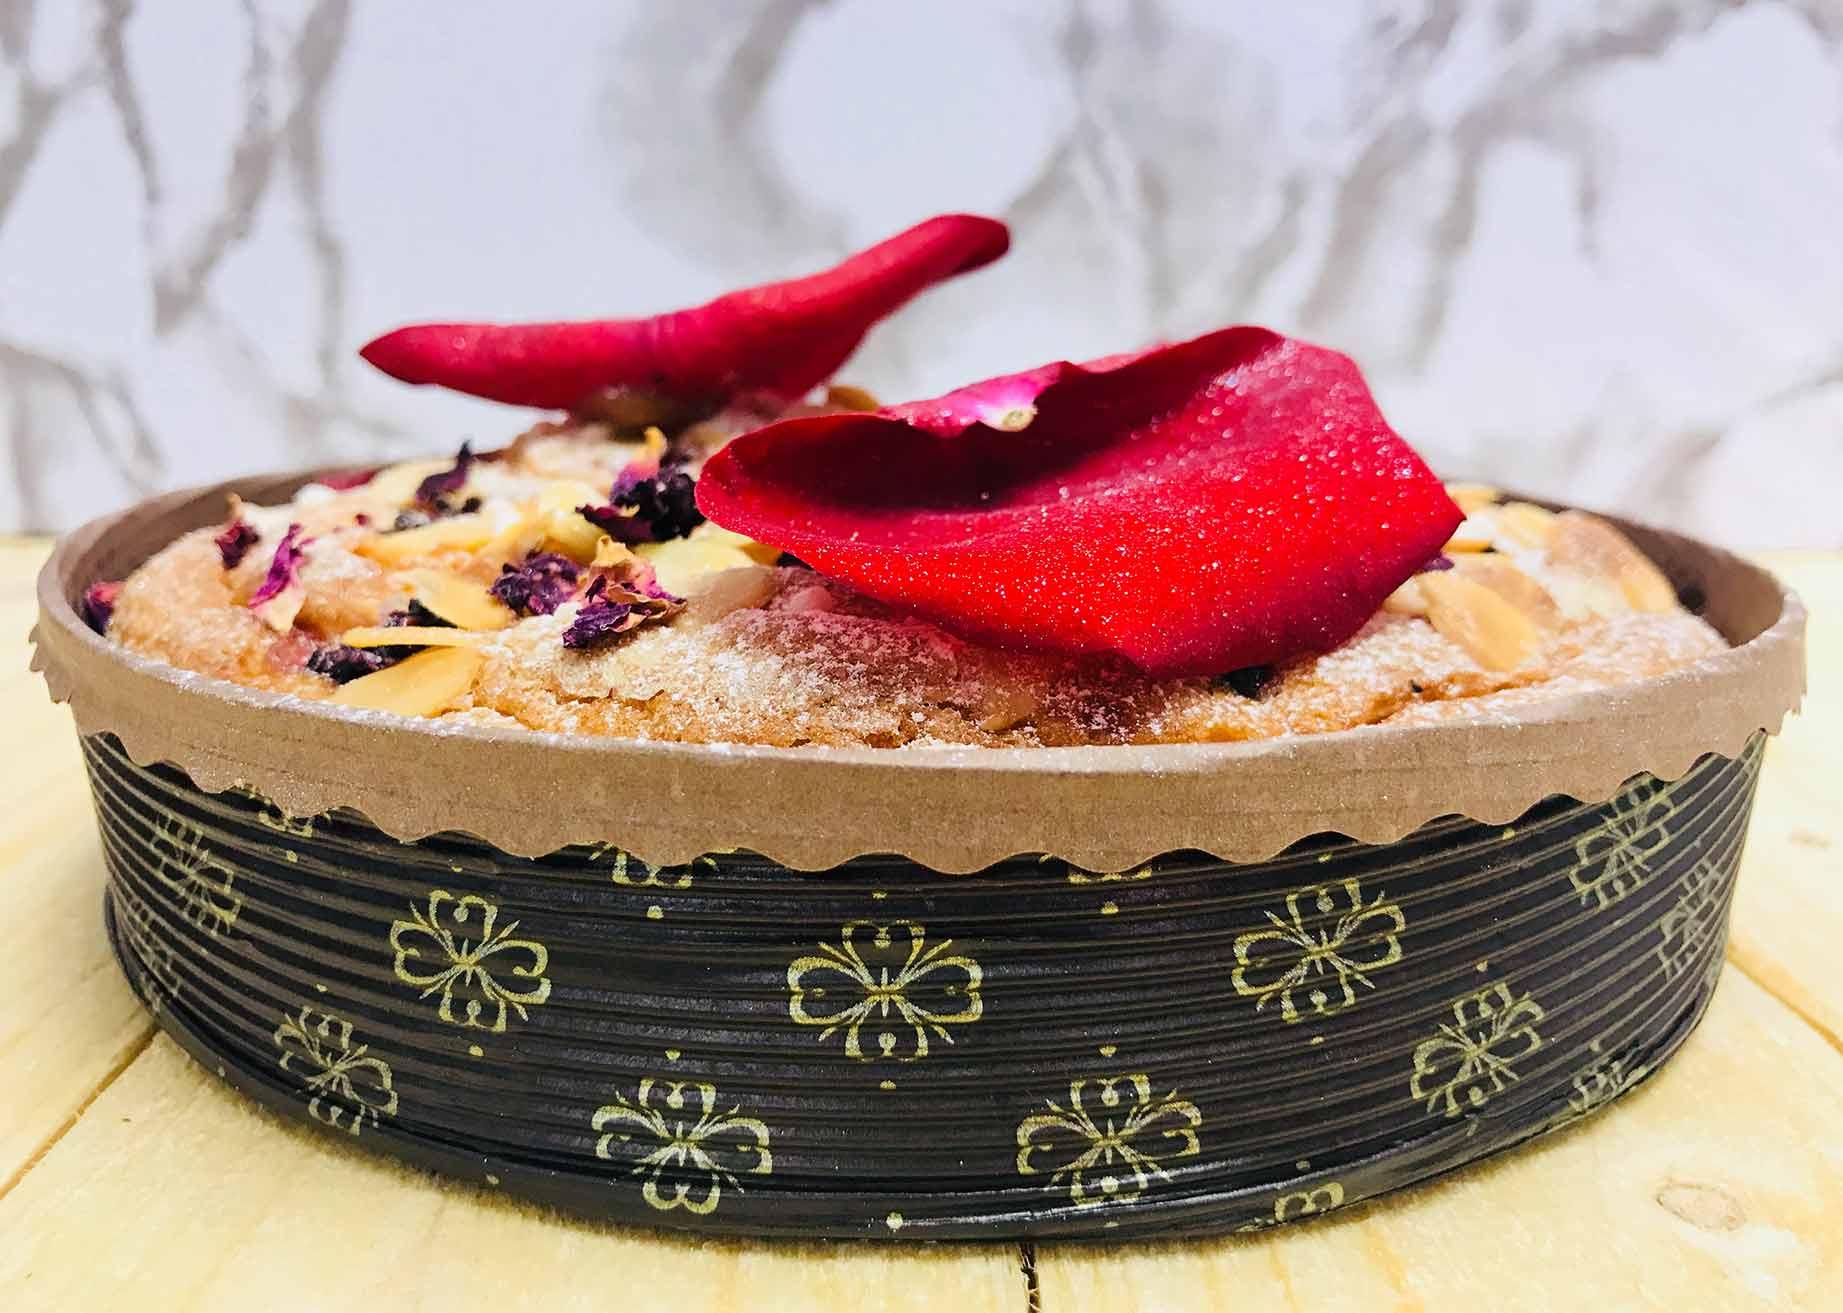 MBB Novacart baking mold and women's day almond tart